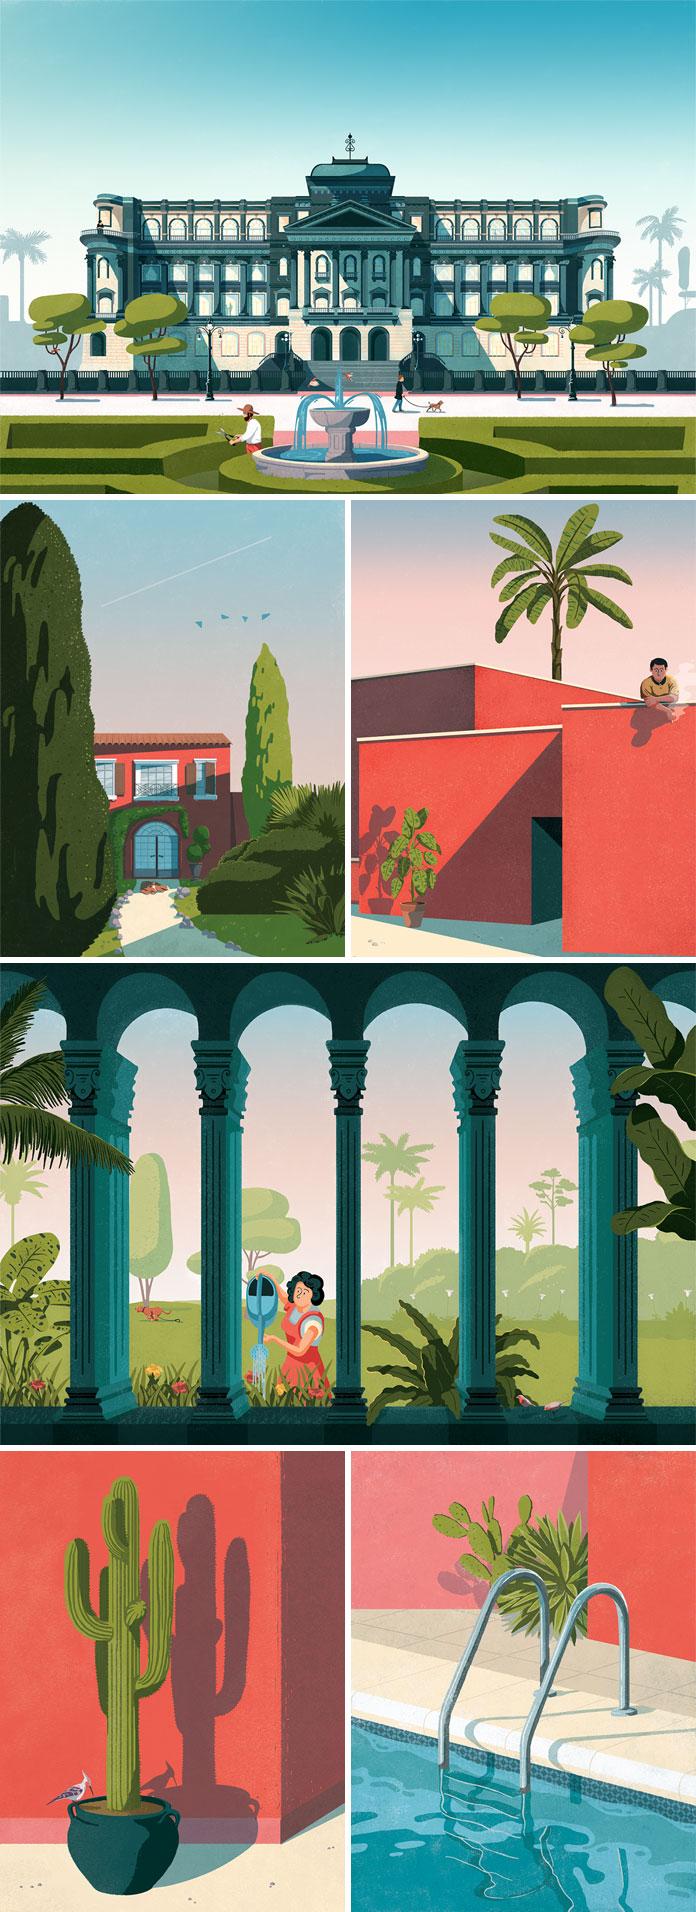 Fago Studio, Pavillon Gazon - illustrations